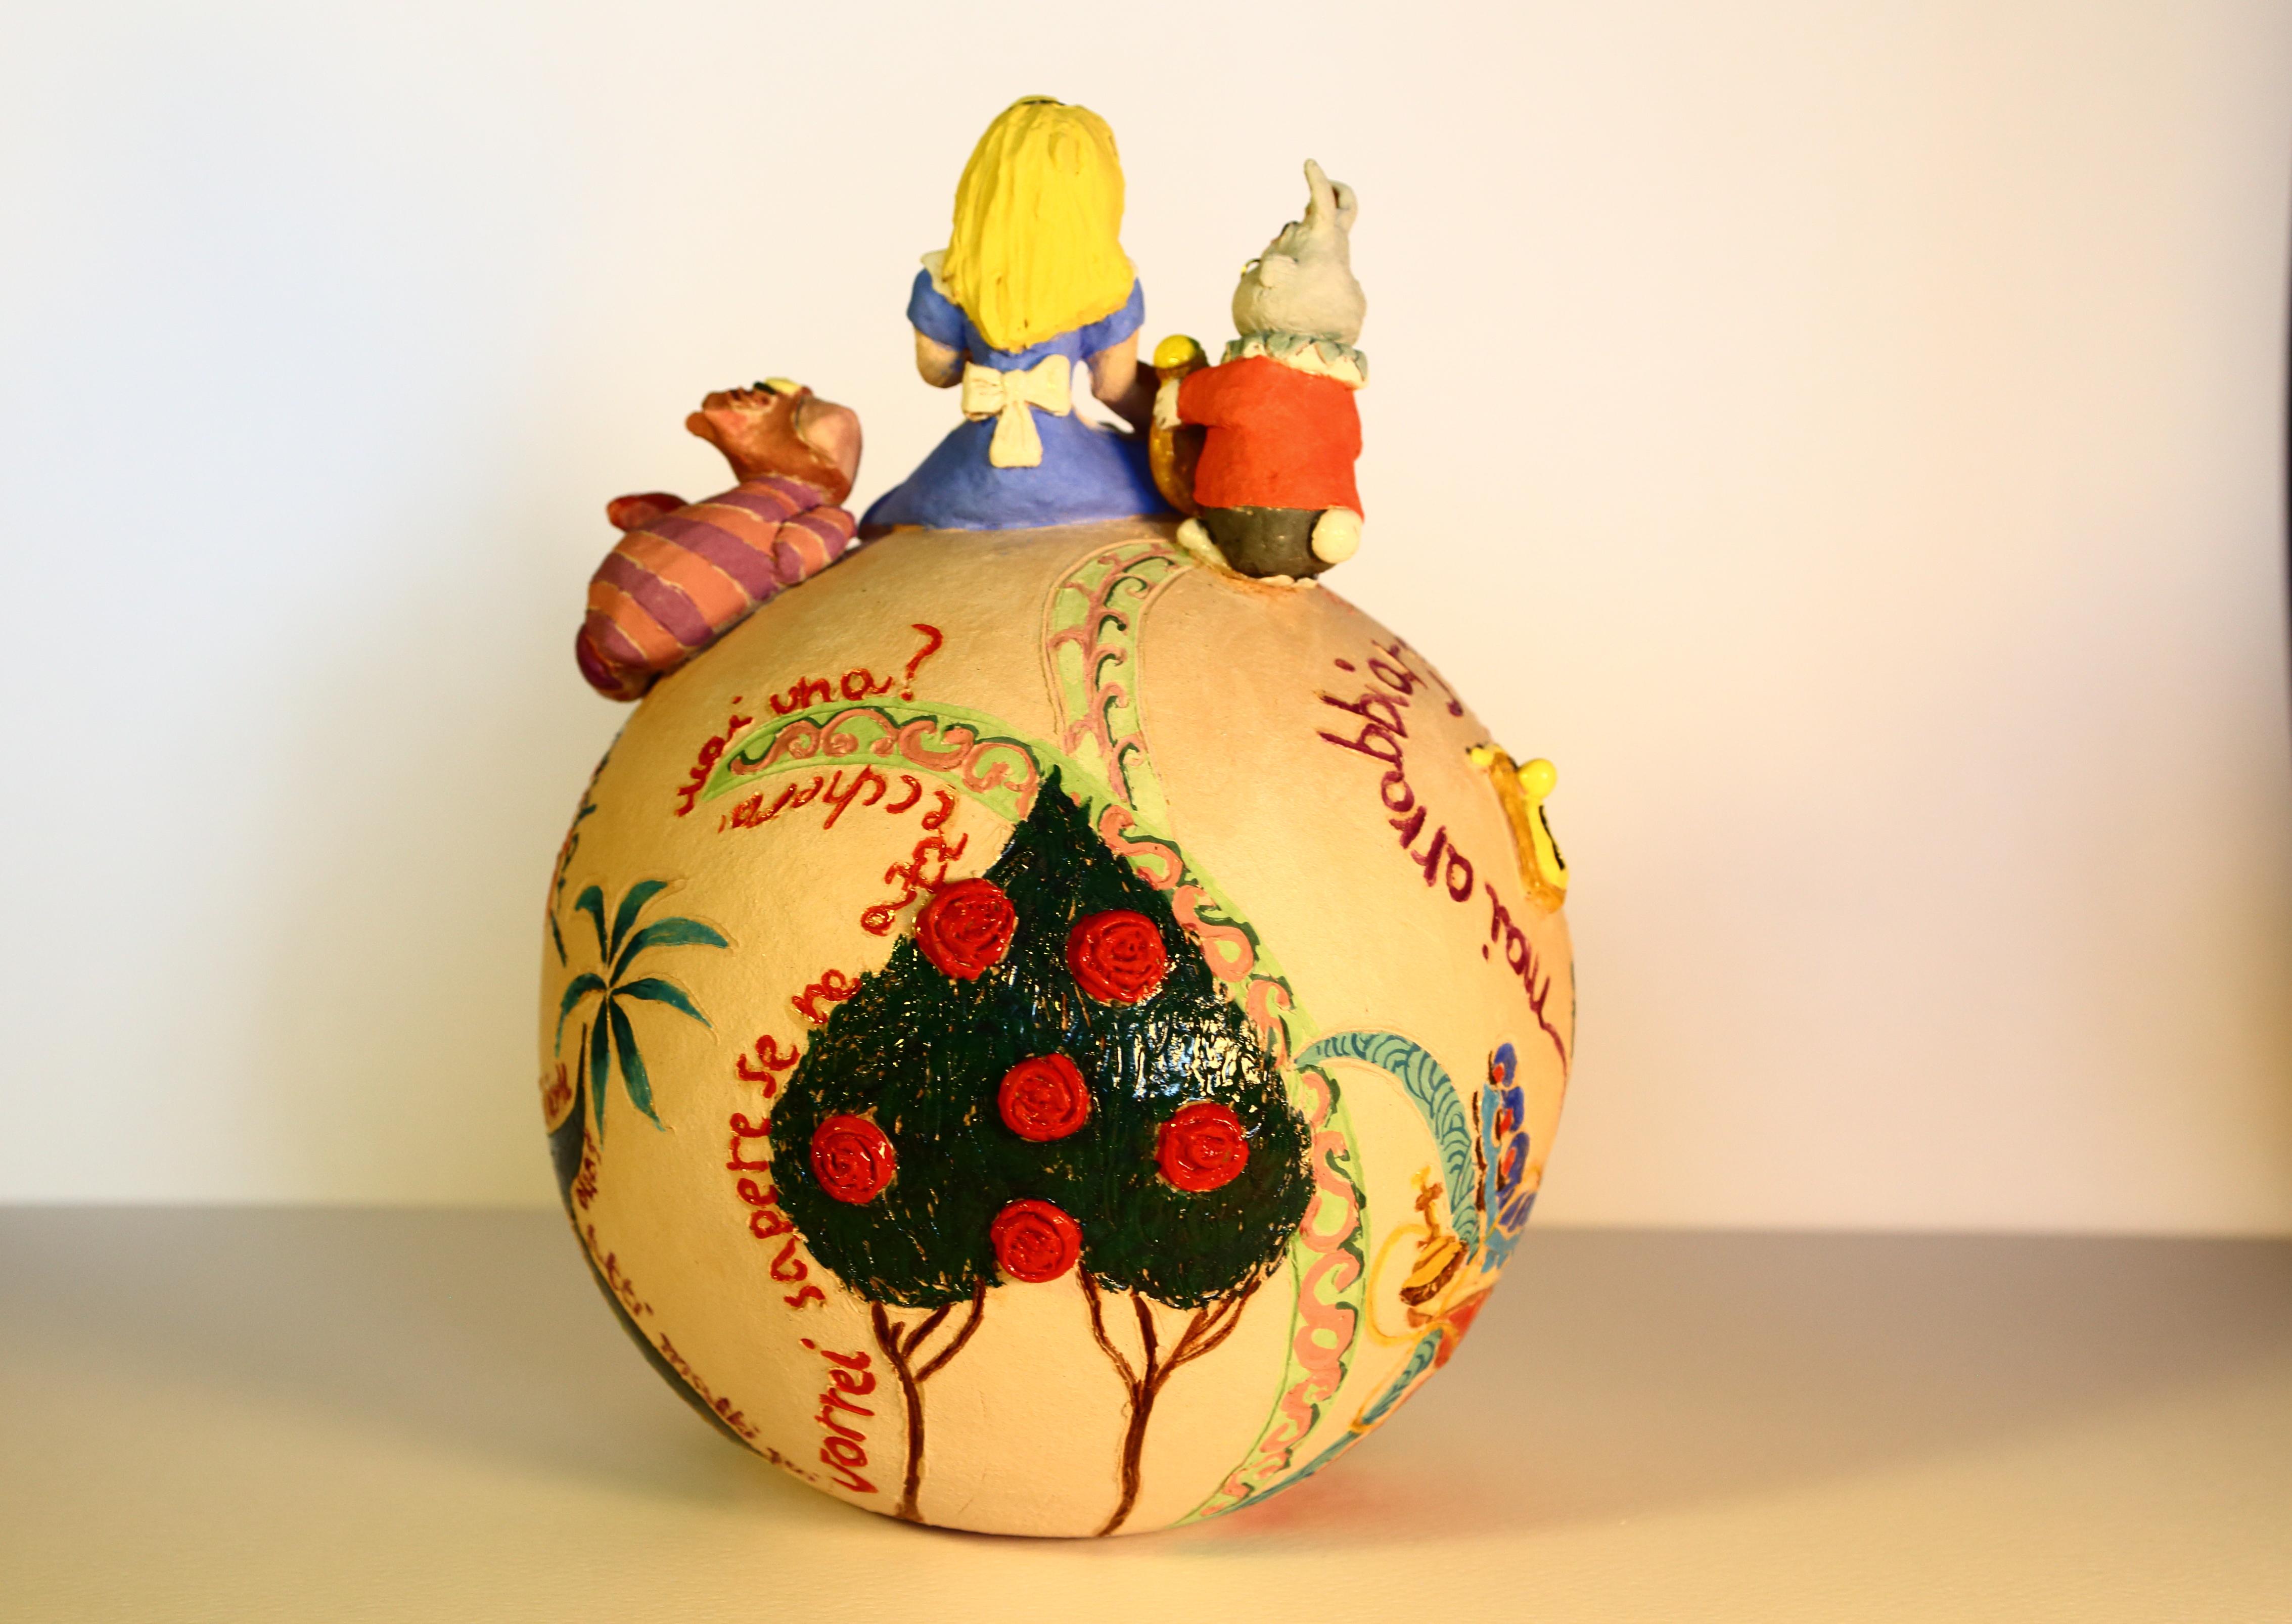 Alice sulla palla delle meraviglie.